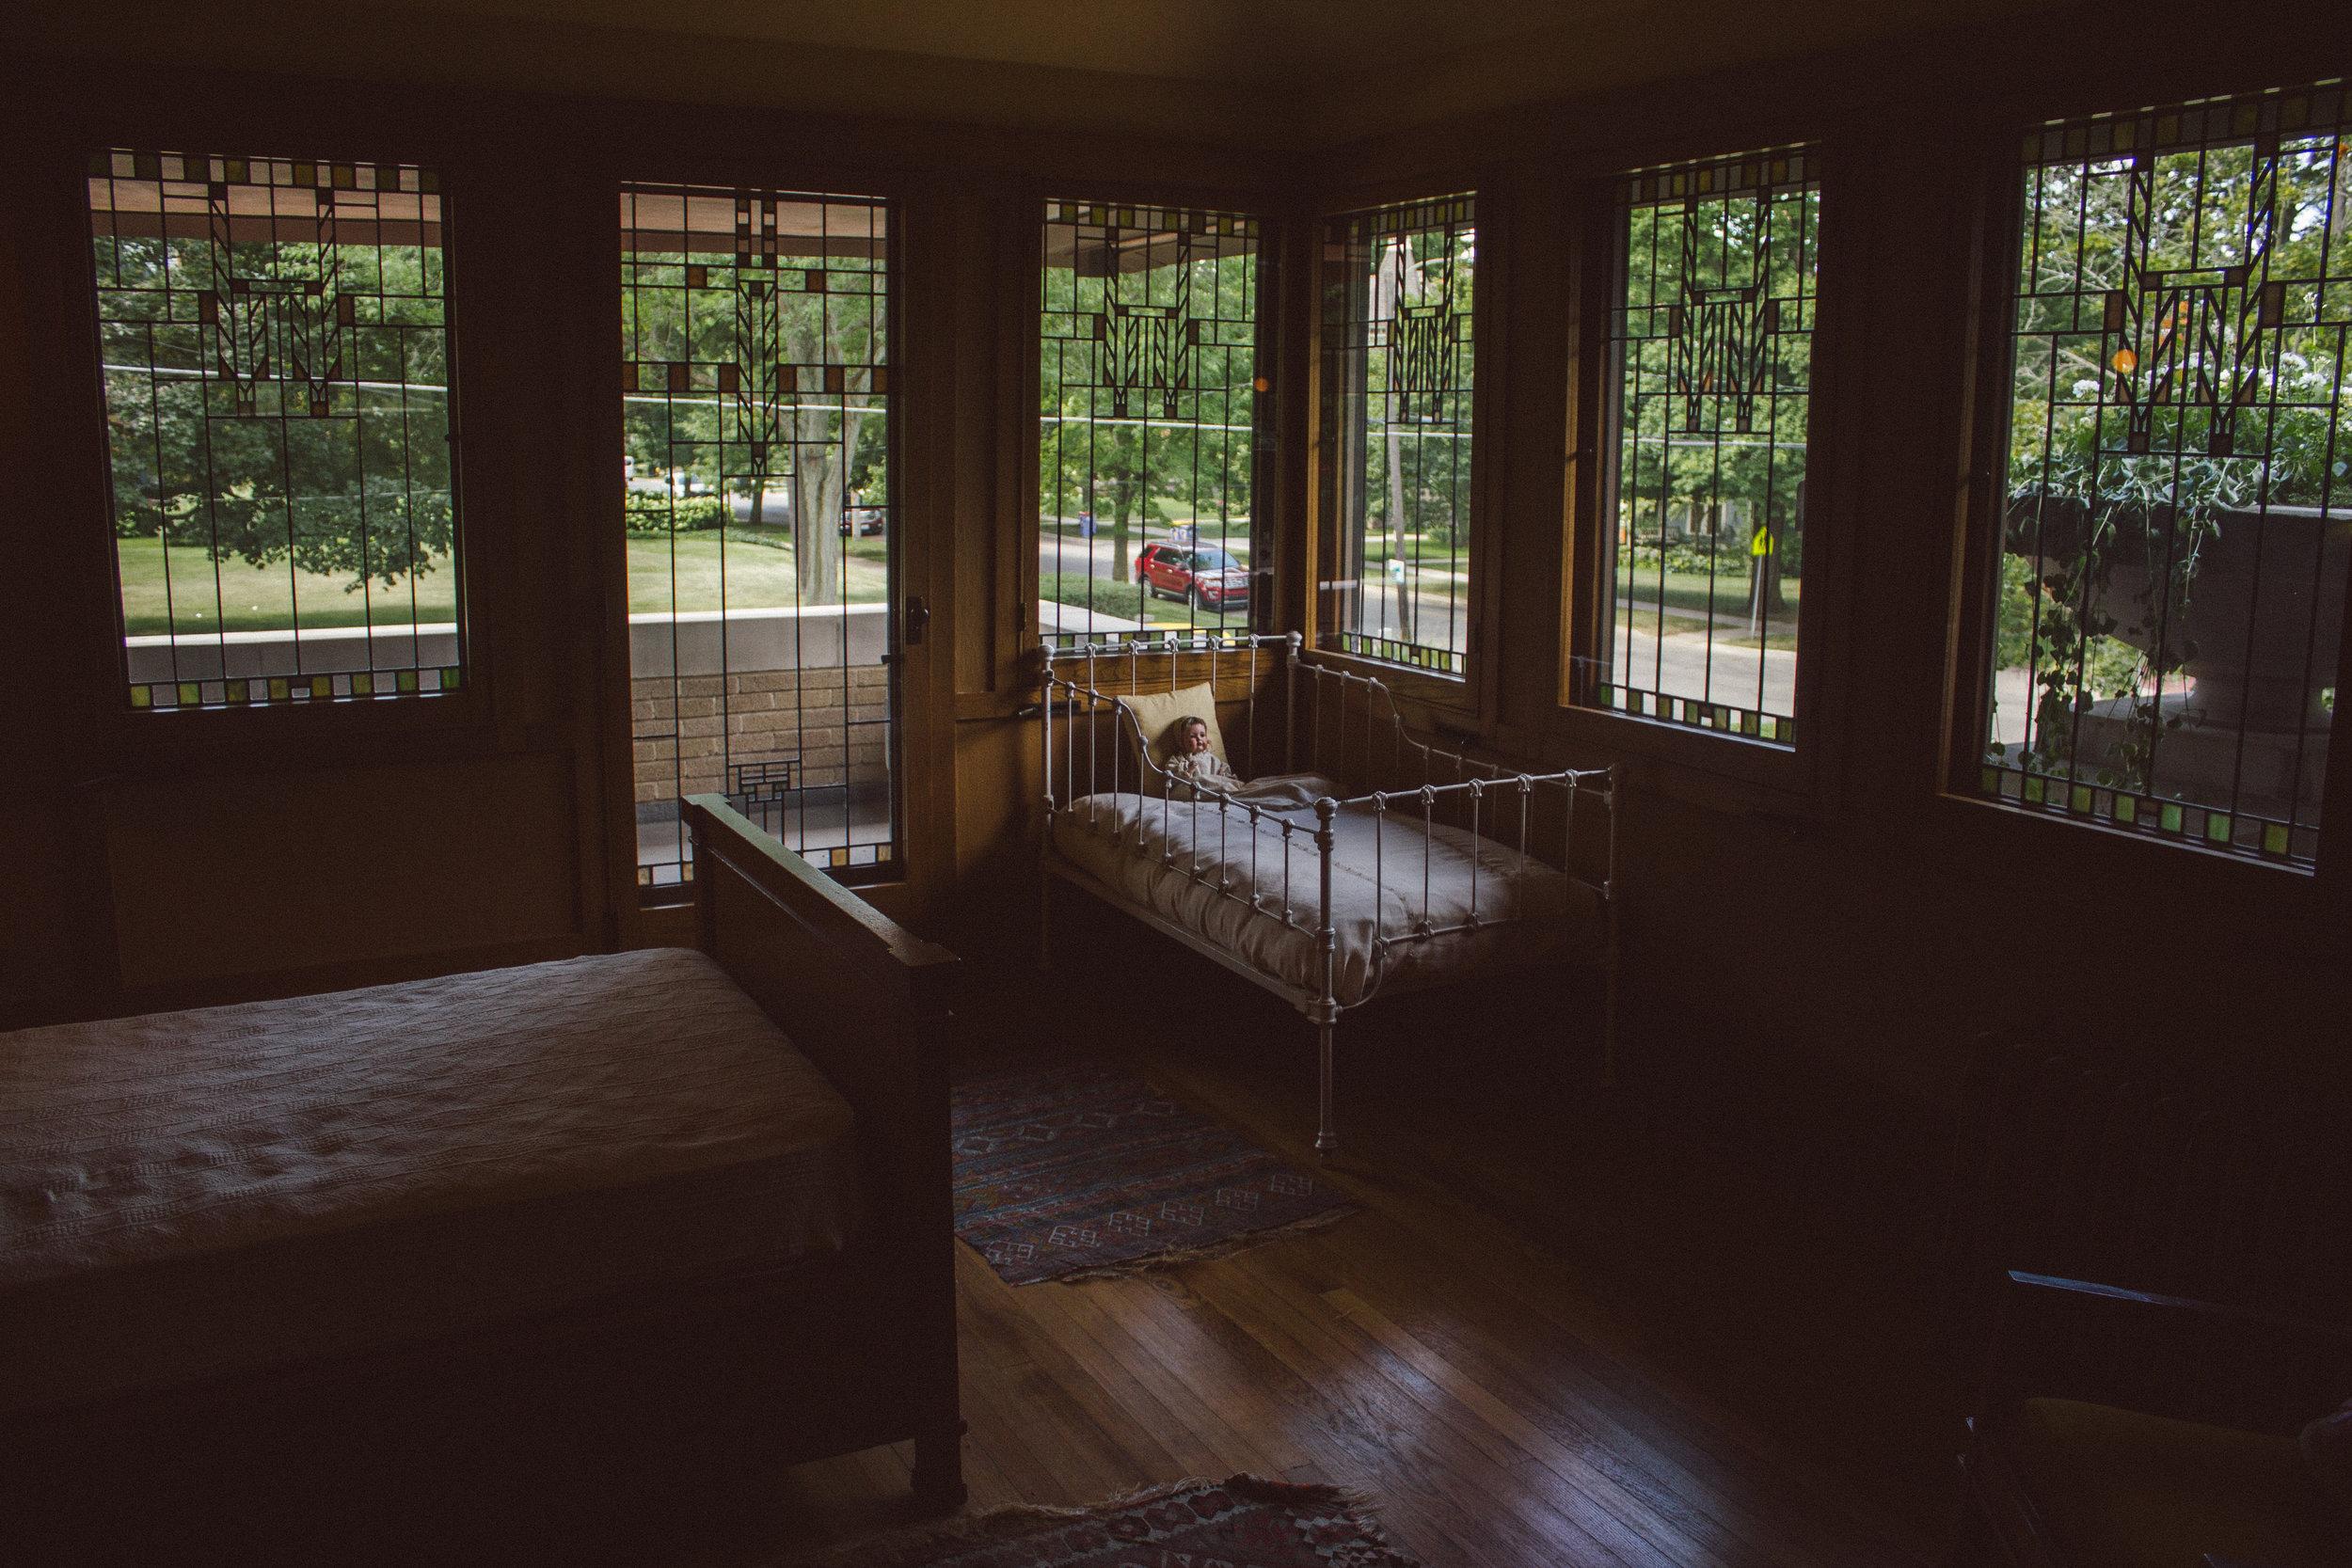 Meyer child's bedroom